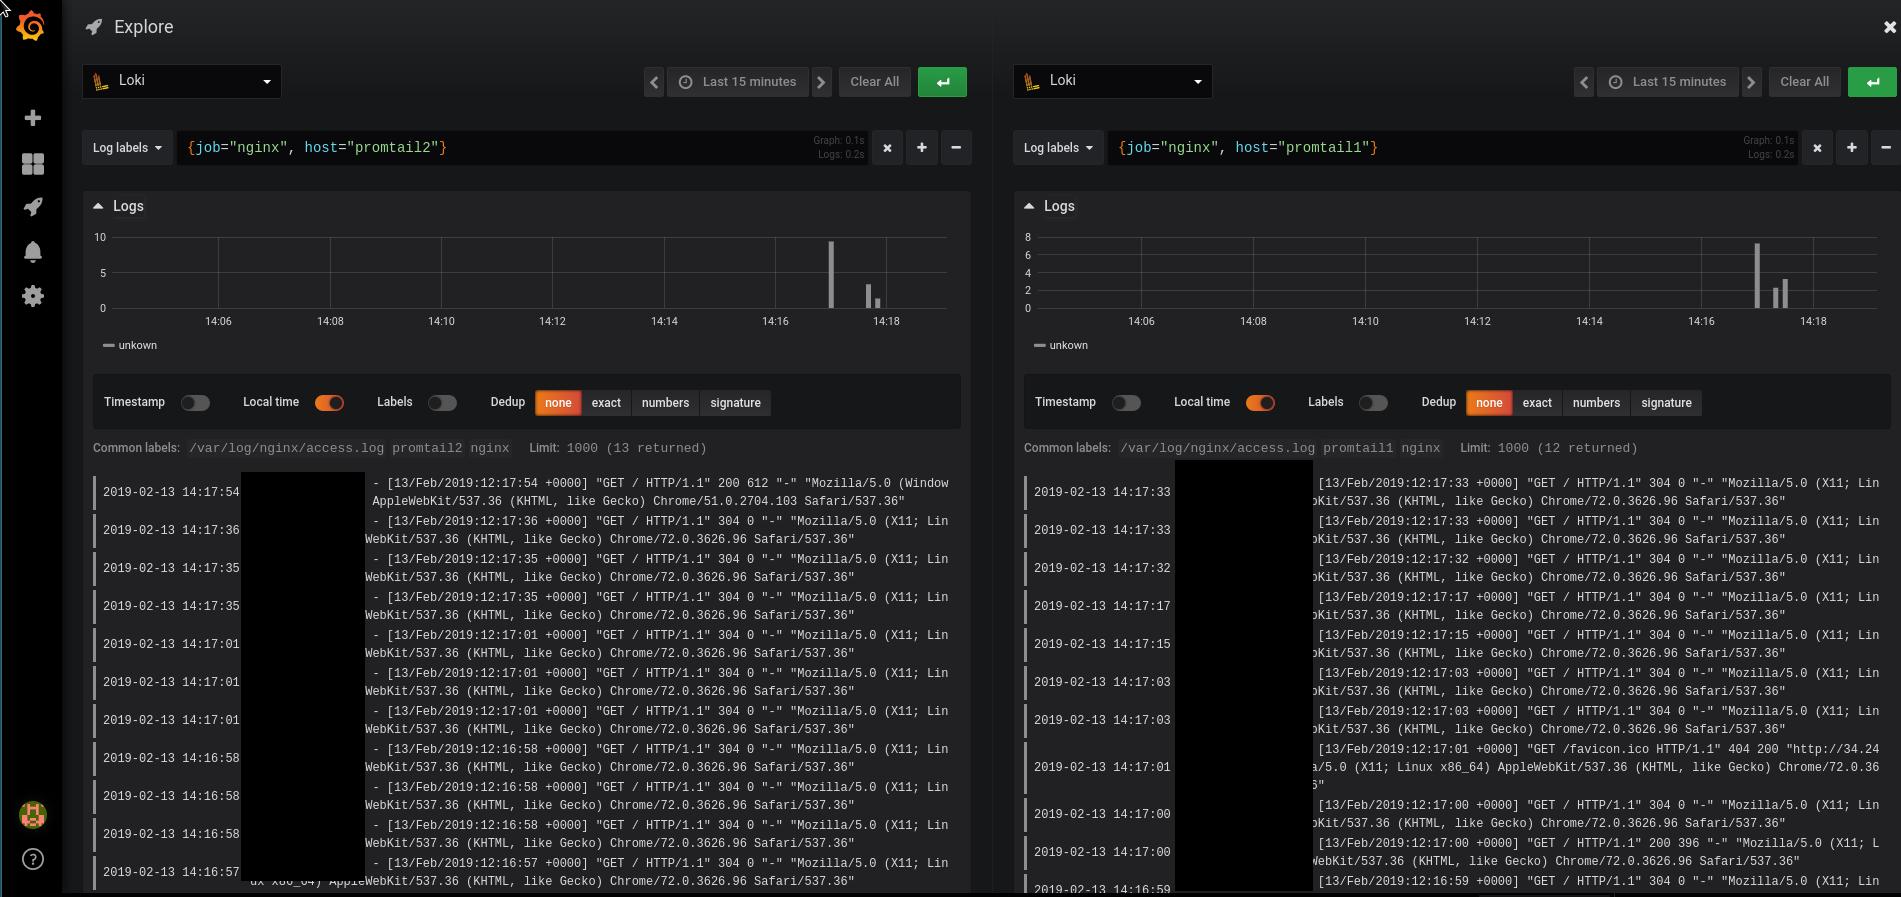 Grafana Labs: Loki – using AWS S3 as a data storage and AWS DynamoDB